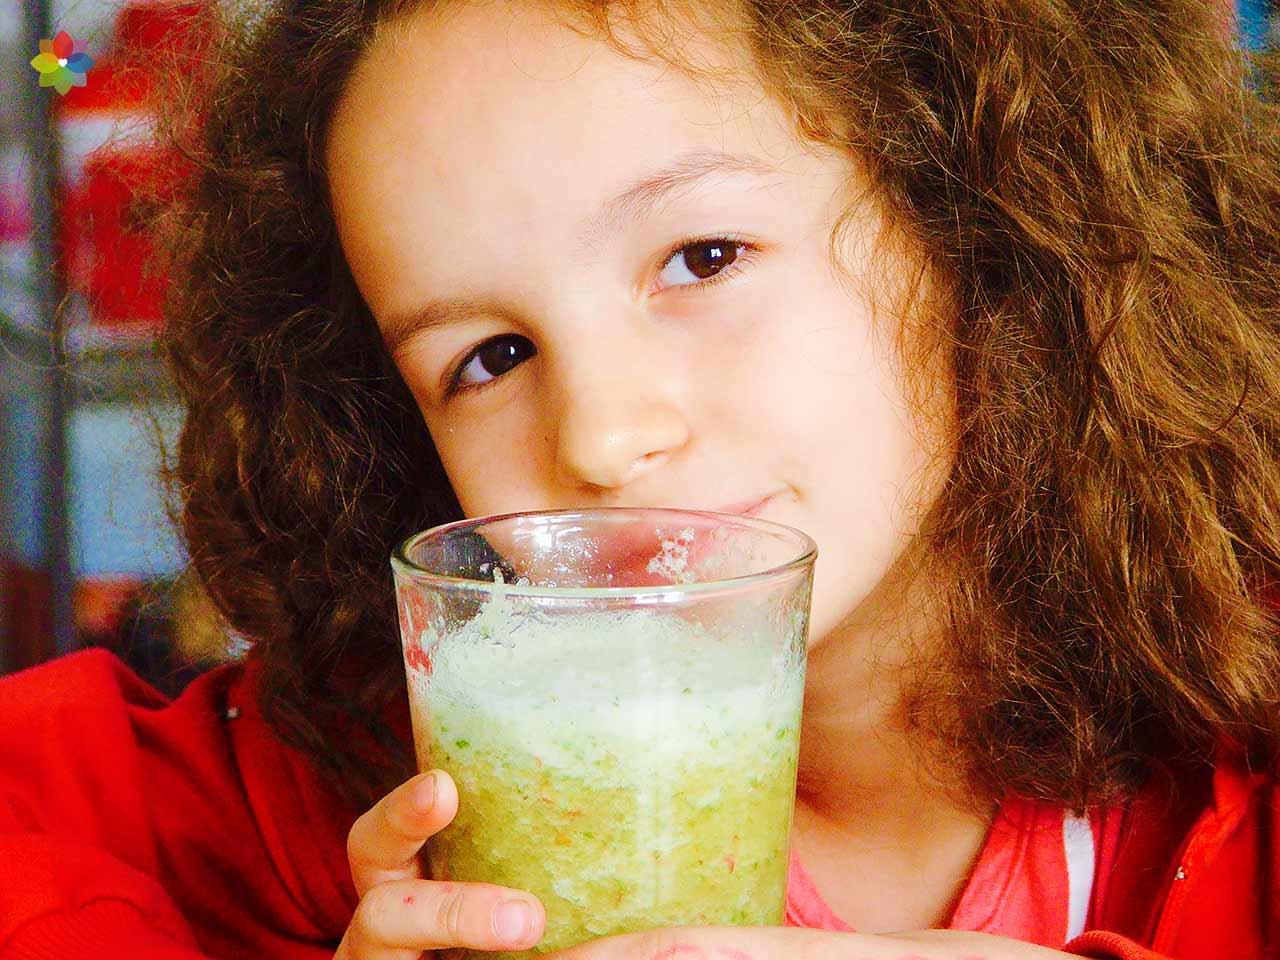 Licuado verde en vaso alto de vidrio, sostenido por una niña